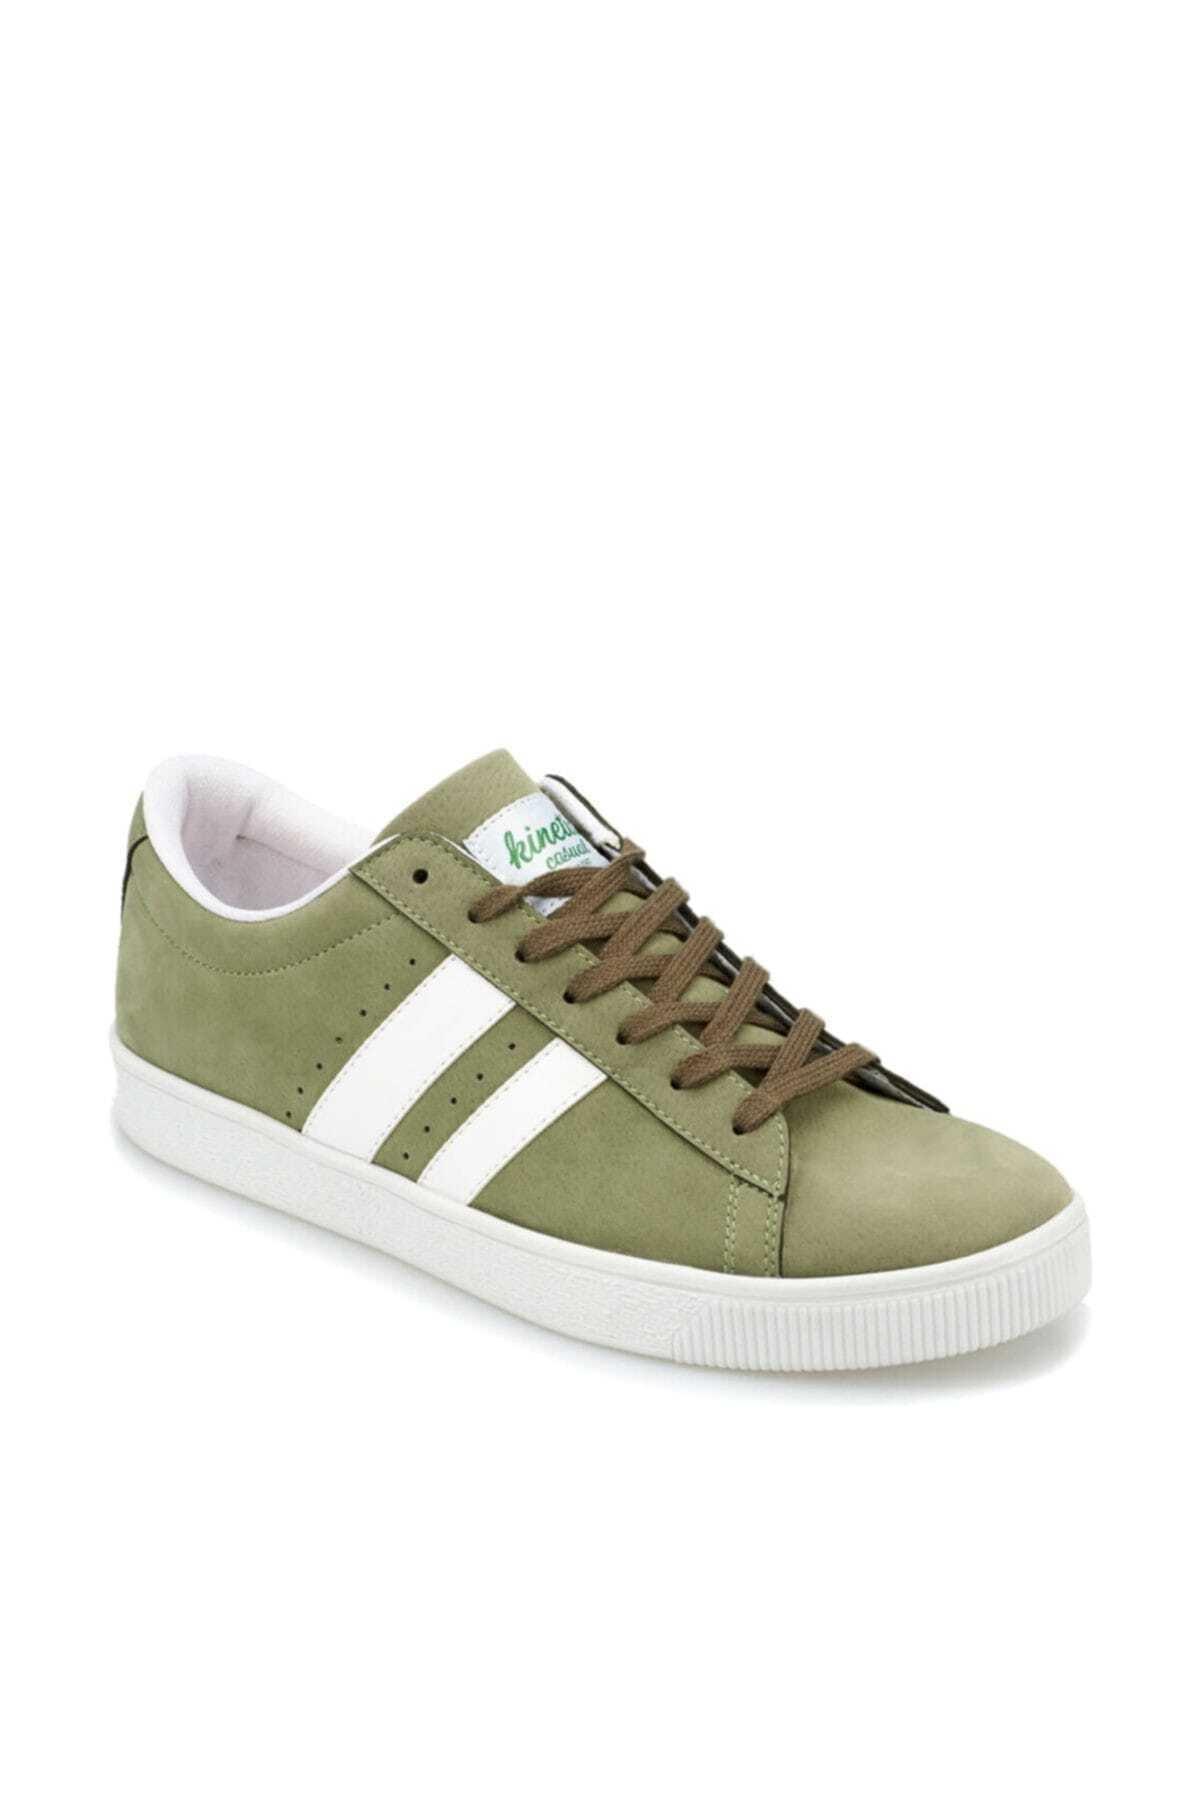 Kinetix FAITH Haki Erkek Sneaker Ayakkabı 100369967 1